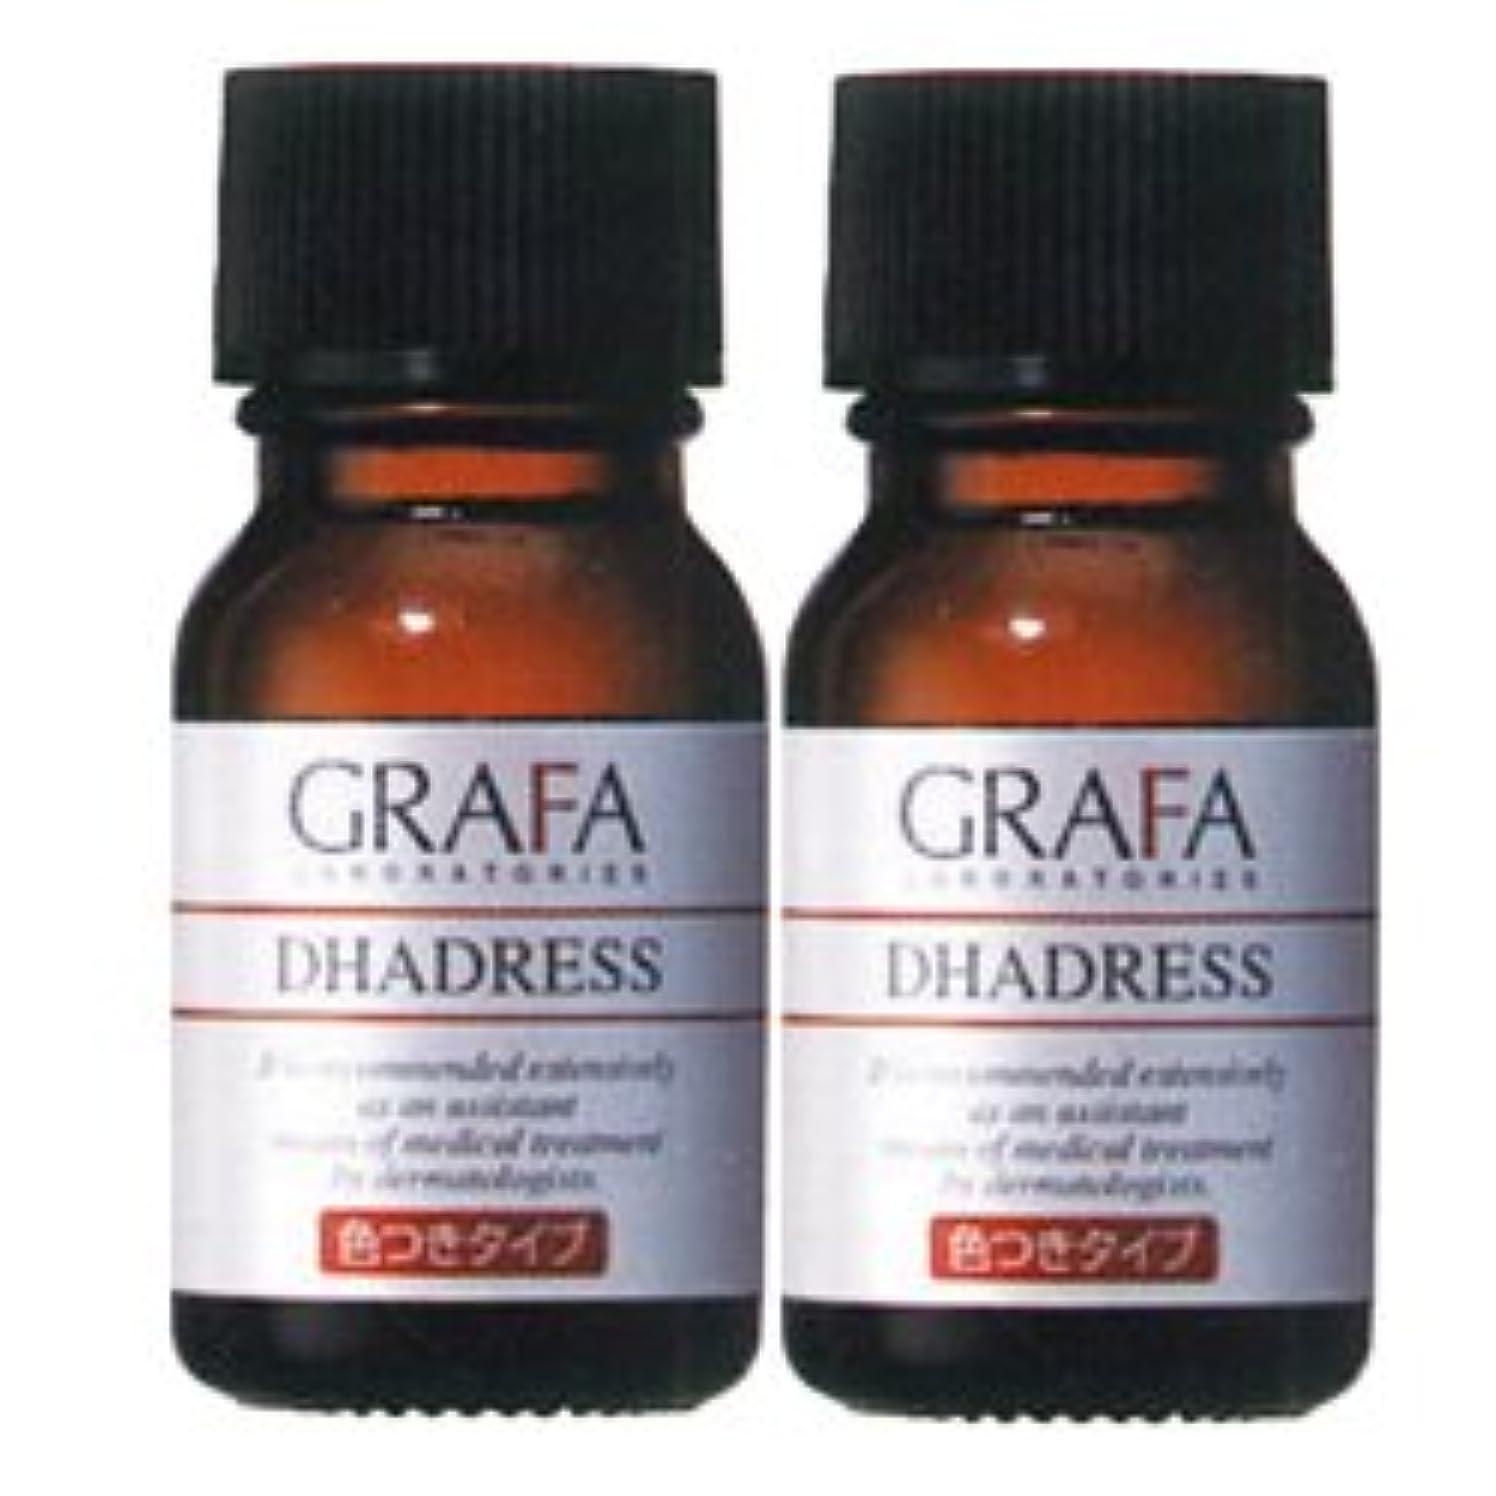 隣接するラップ非アクティブグラファ ダドレスC (色つきタイプ) 11mL×2本 着色用化粧水 GRAFA DHADRESS